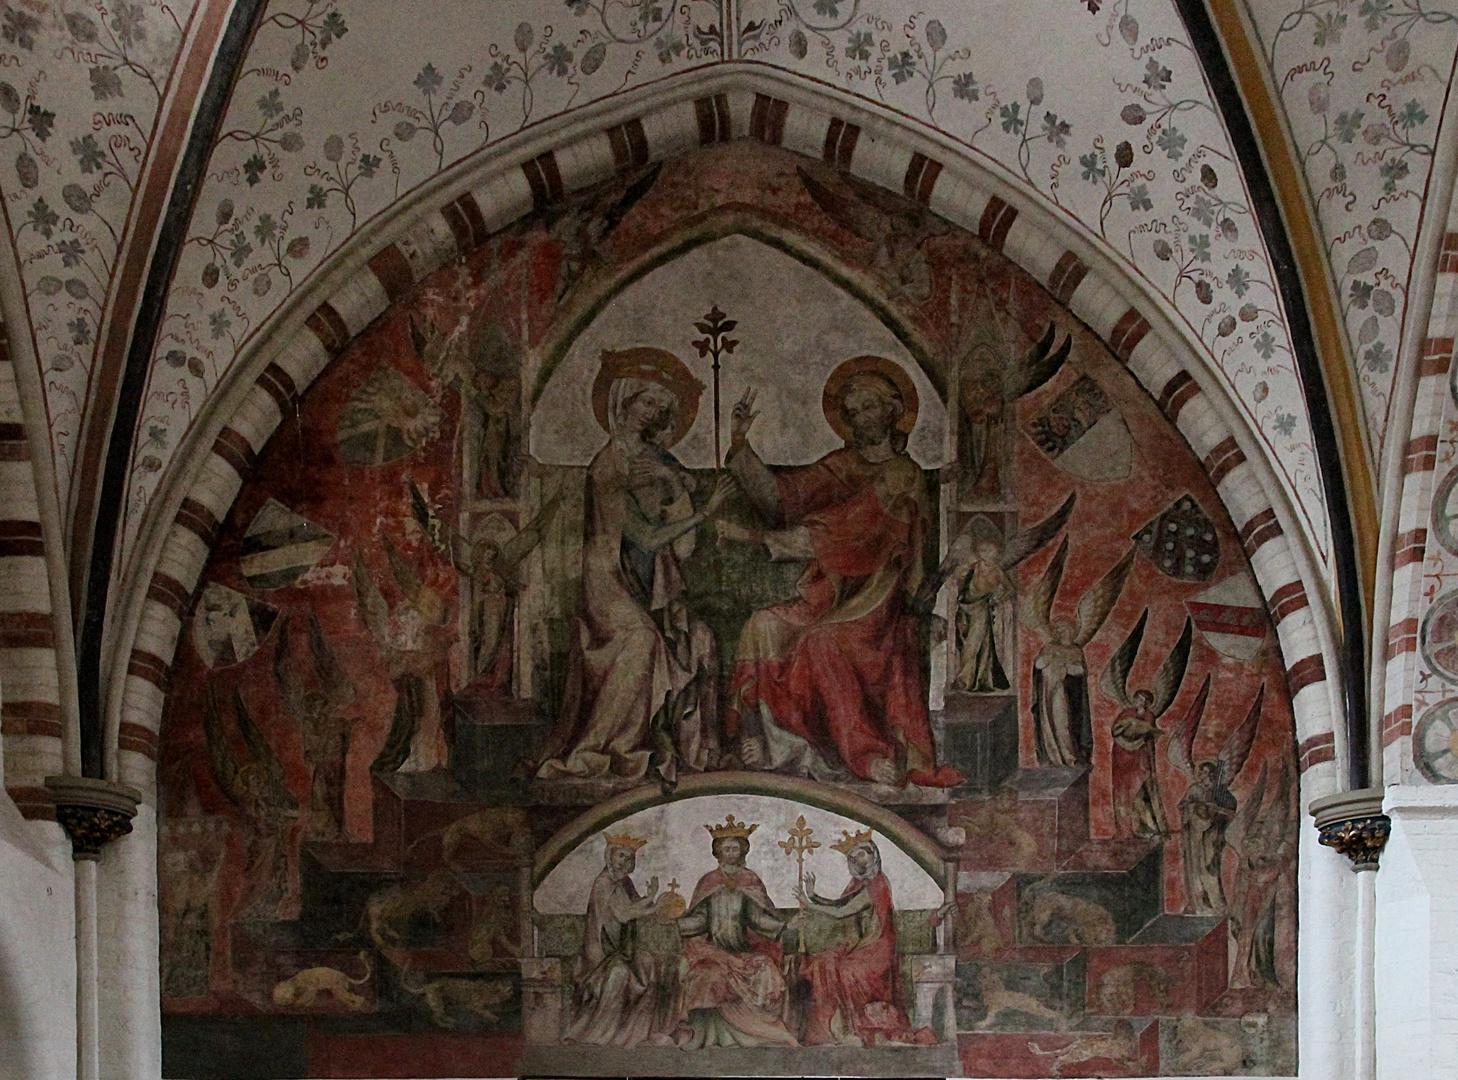 Wandgemälde in der Heilig-Geist- Hospitalkirche in Lübeck